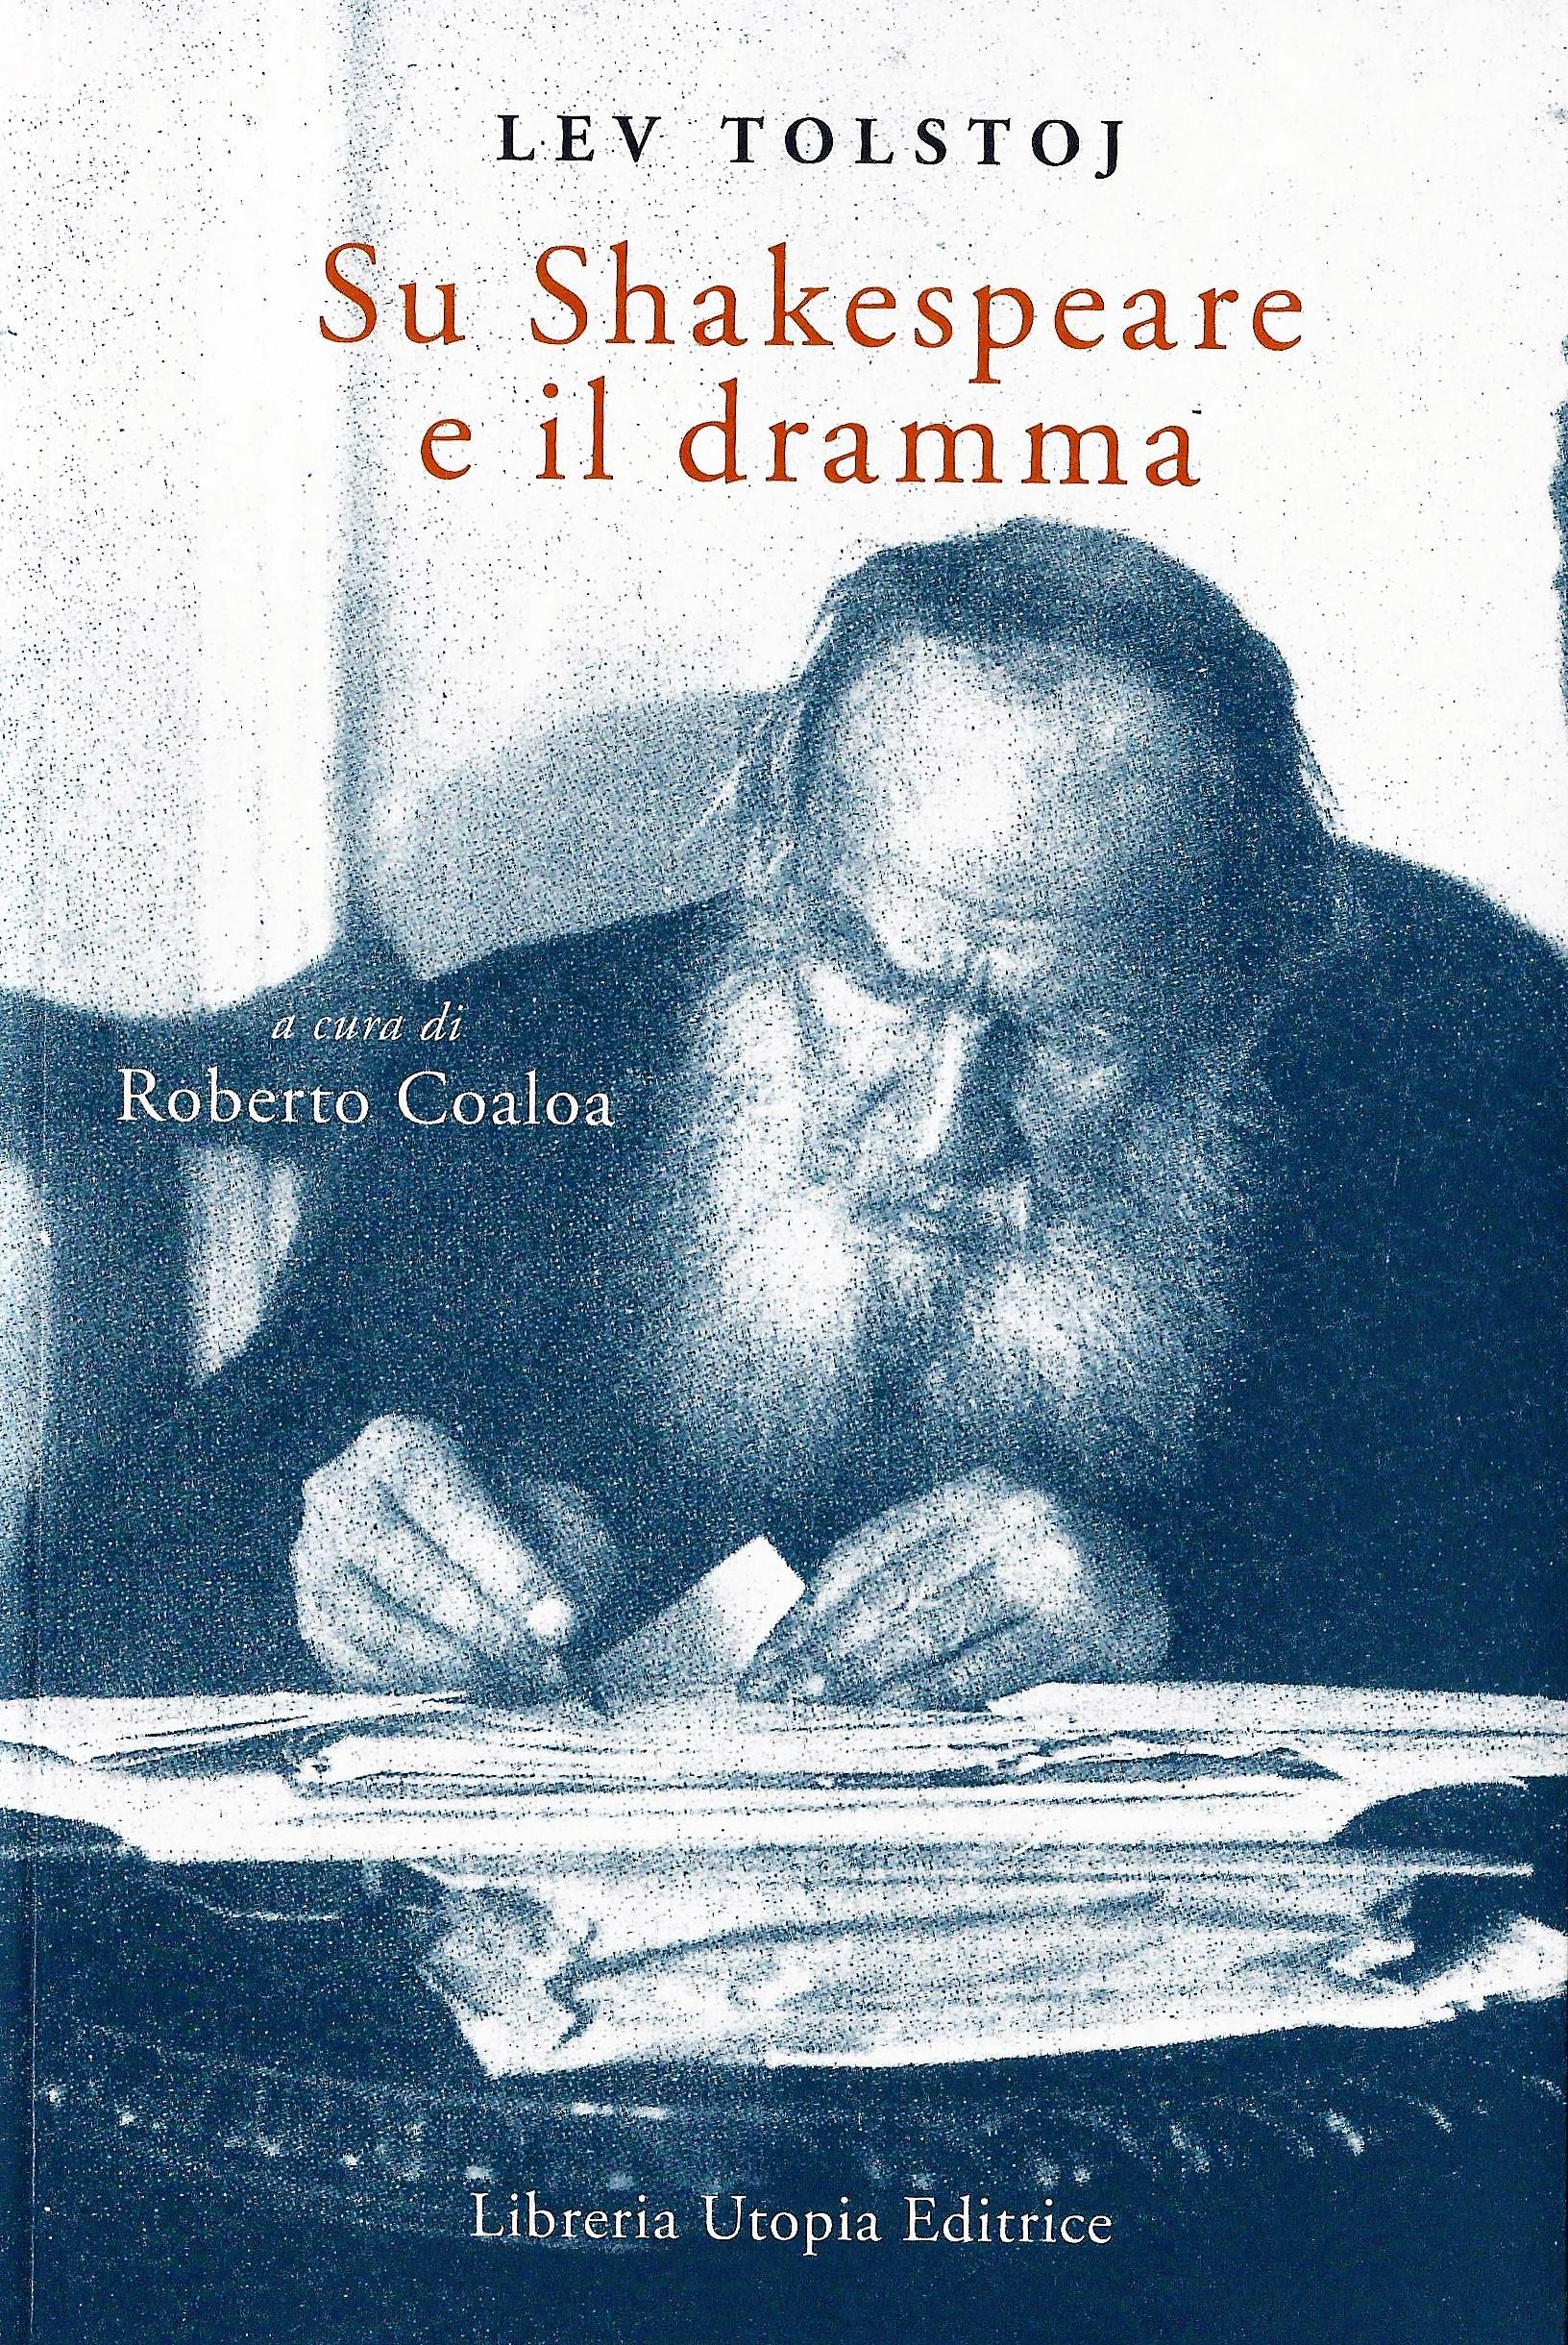 Roberto Coaloa (a cura di), Lev Tolstoj, Su Shakespeare e il dramma, Milano, Libreria Utopia Editrice, pagg. 144, € 17,00.